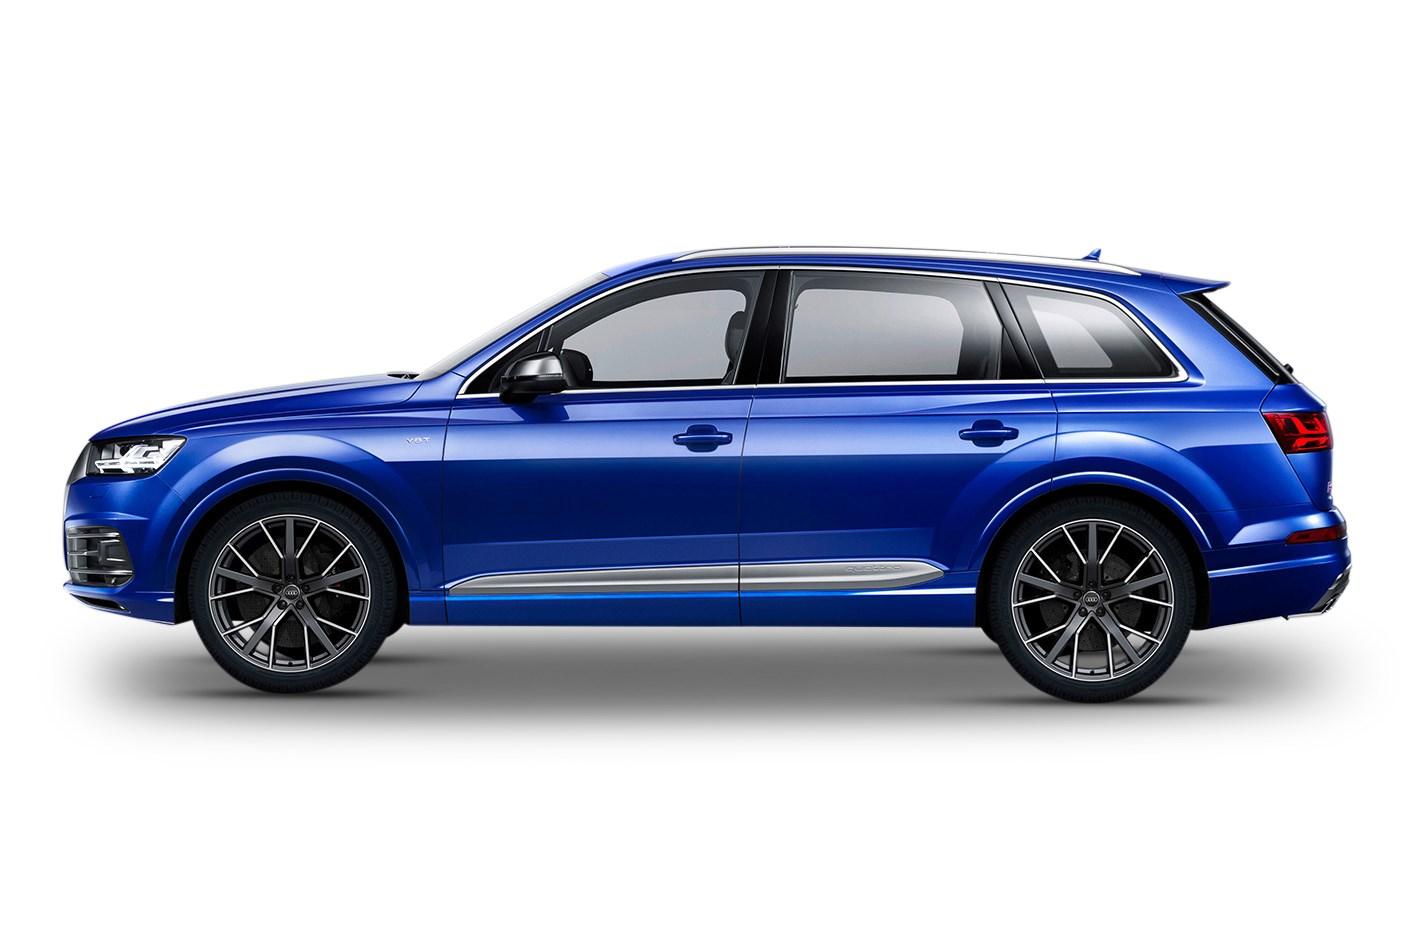 Audi SQ TDI V Quattro L Cyl Diesel Turbocharged - Audi sq7